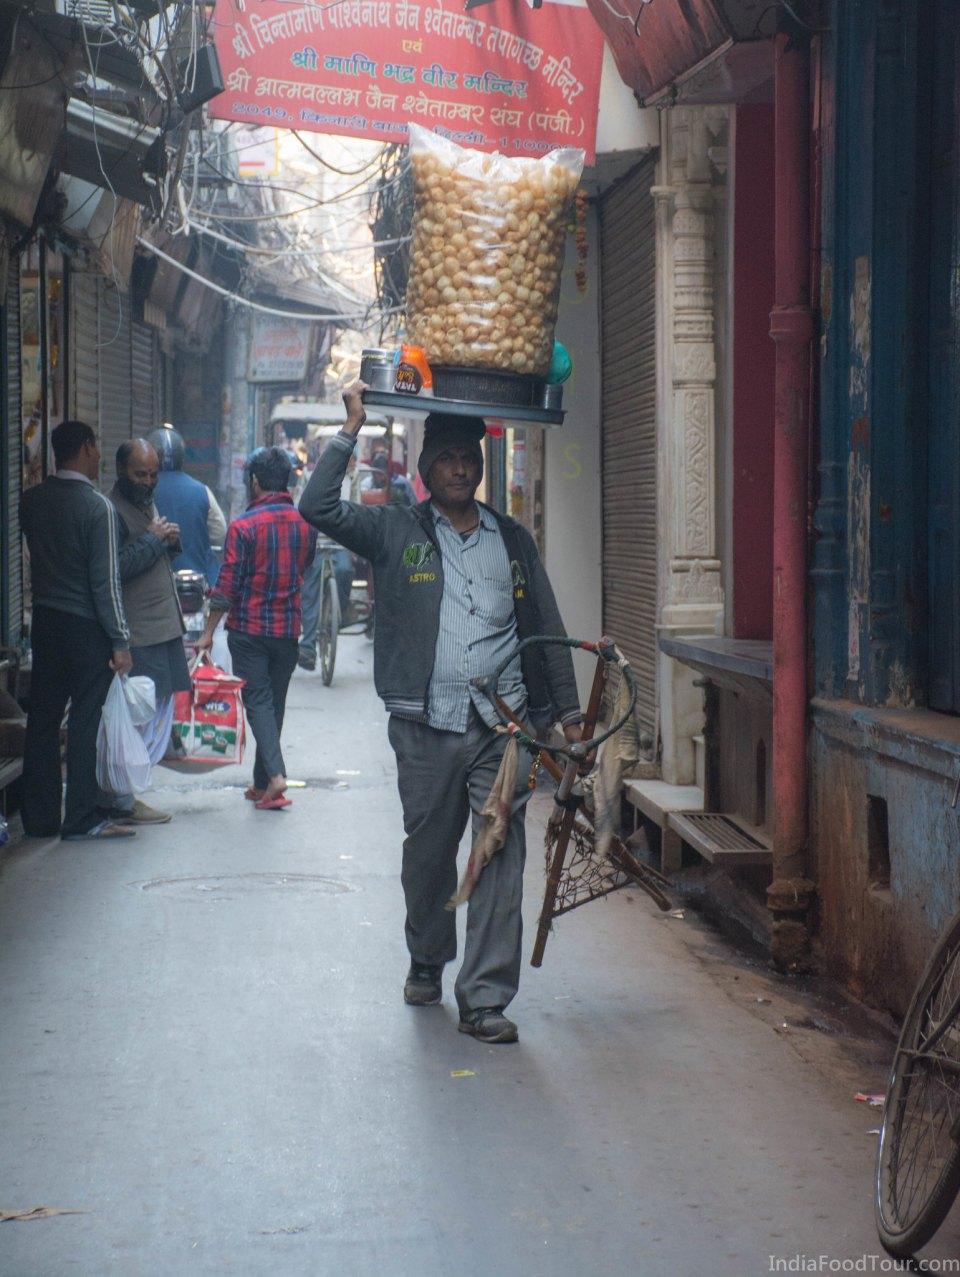 A Golgappa vendor walking through Kinari Bazar